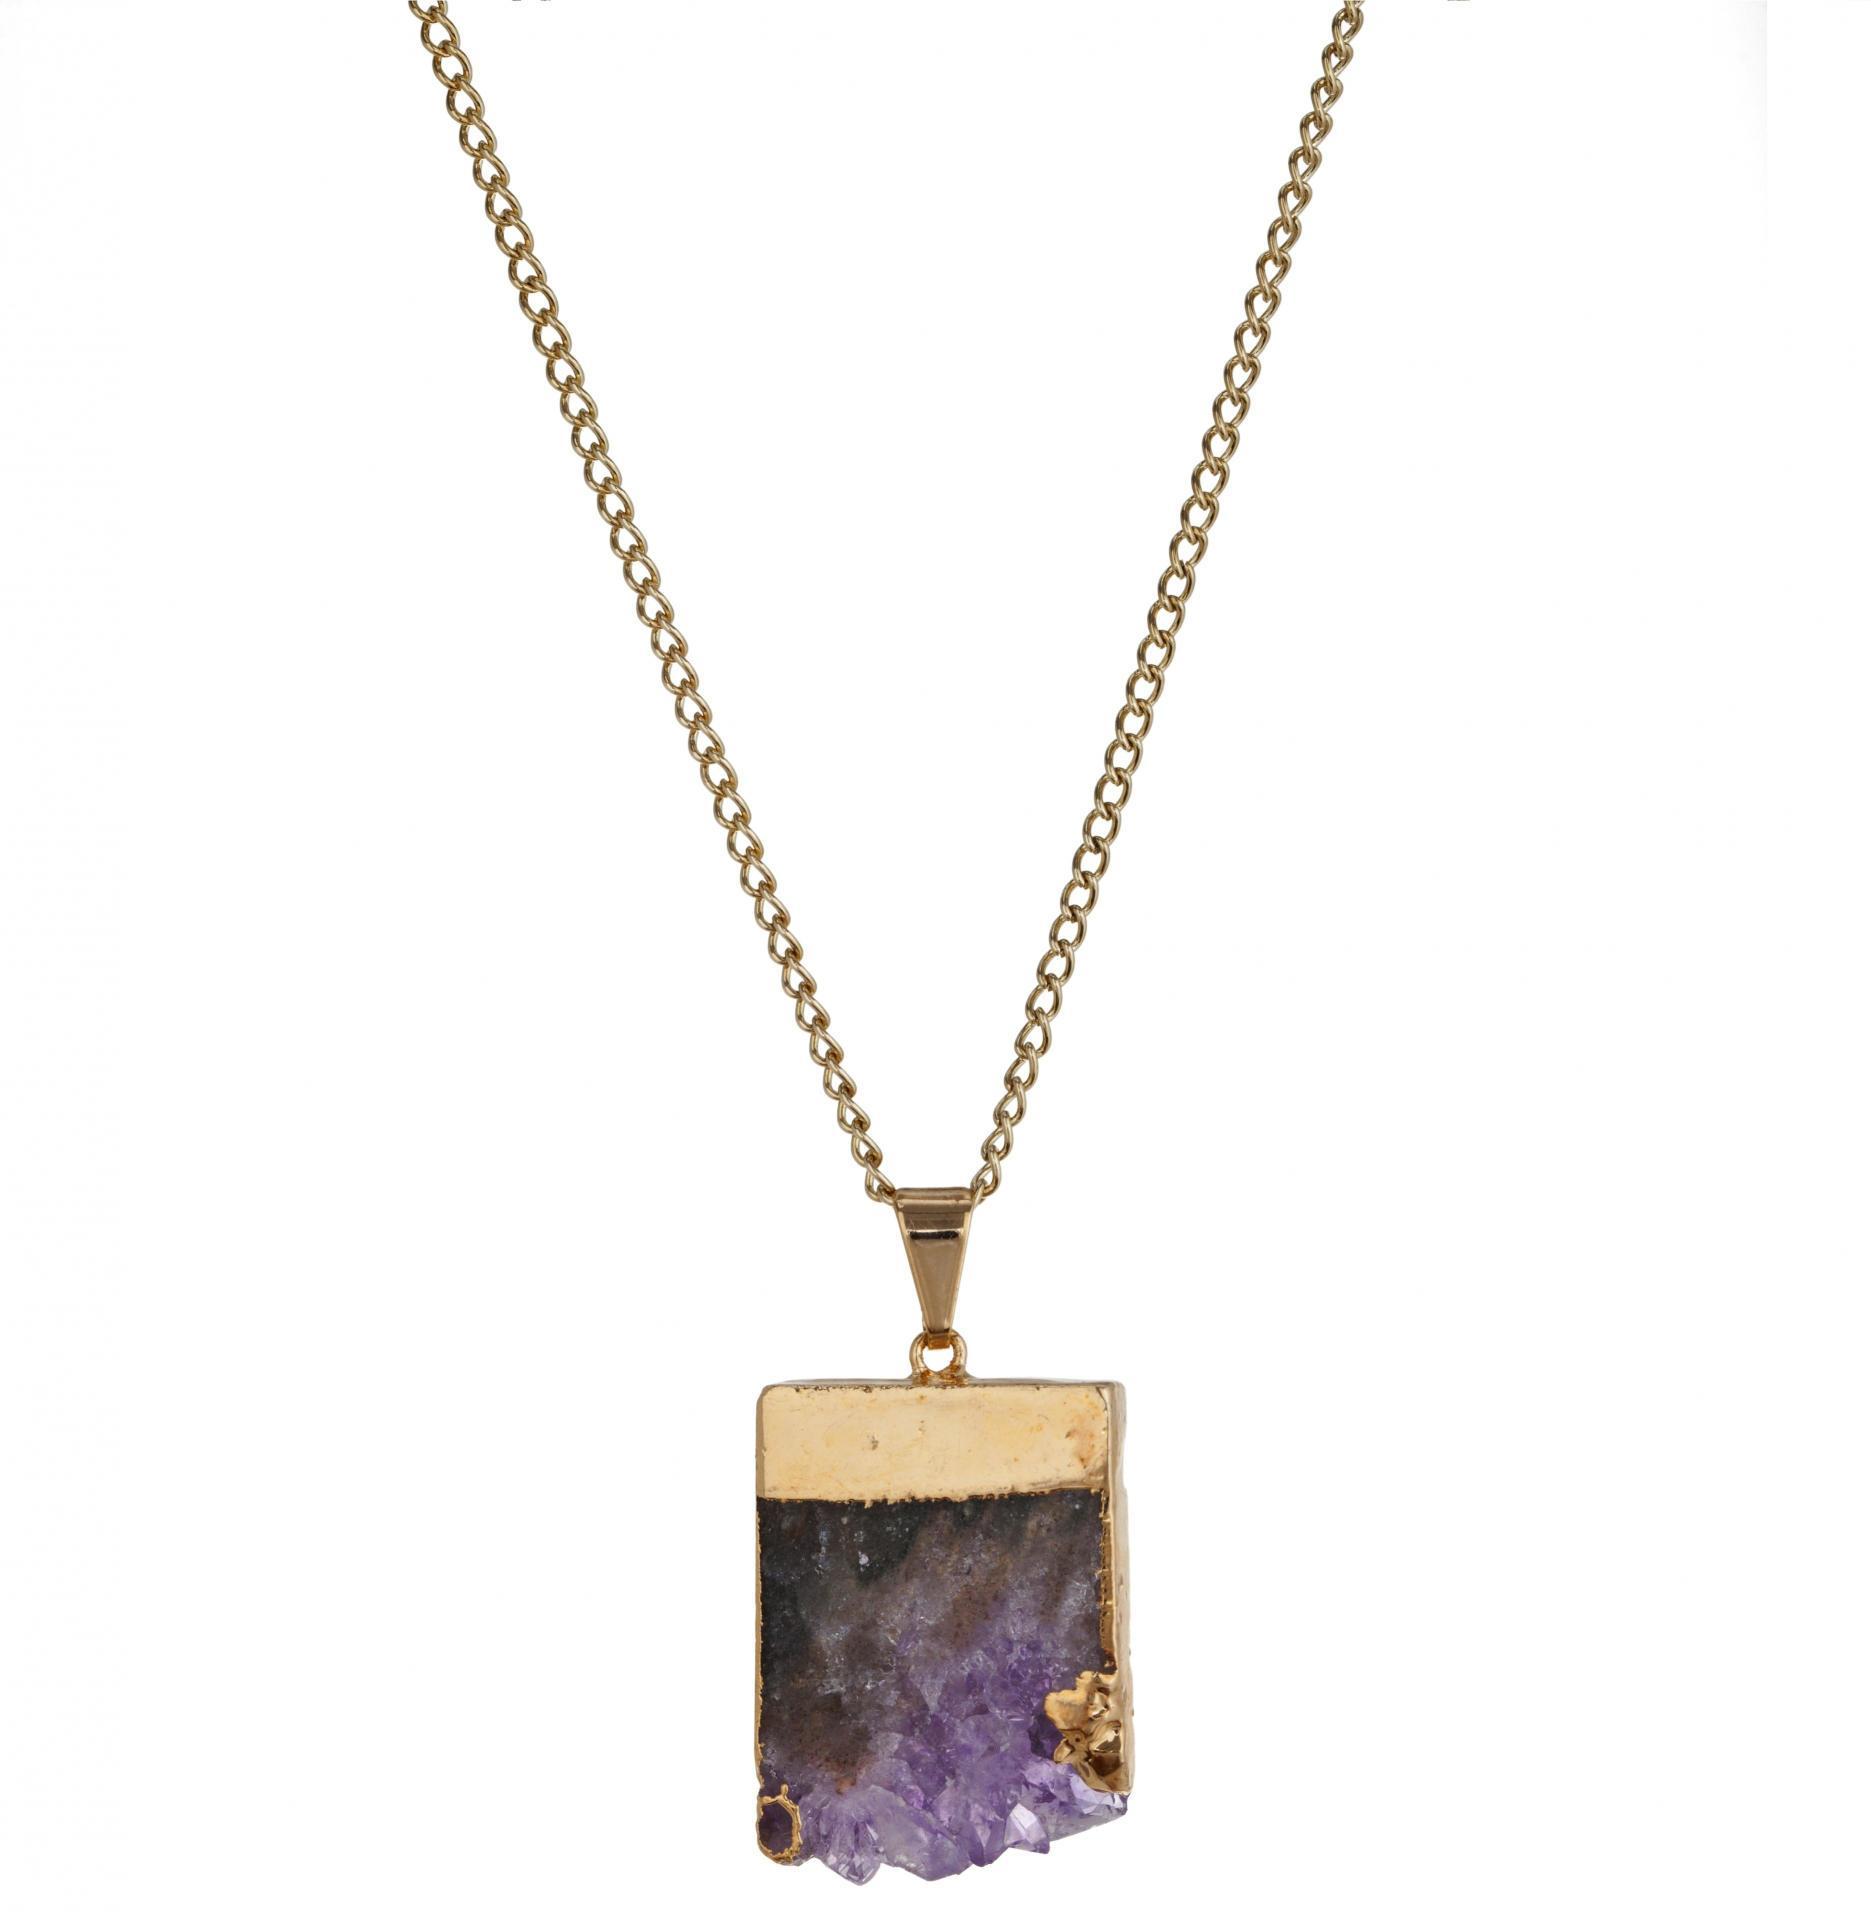 DECADORN Řetízek s přívěskem Amethyst Layered Slice/Gold, fialová barva, multi barva, zlatá barva, kov, kámen